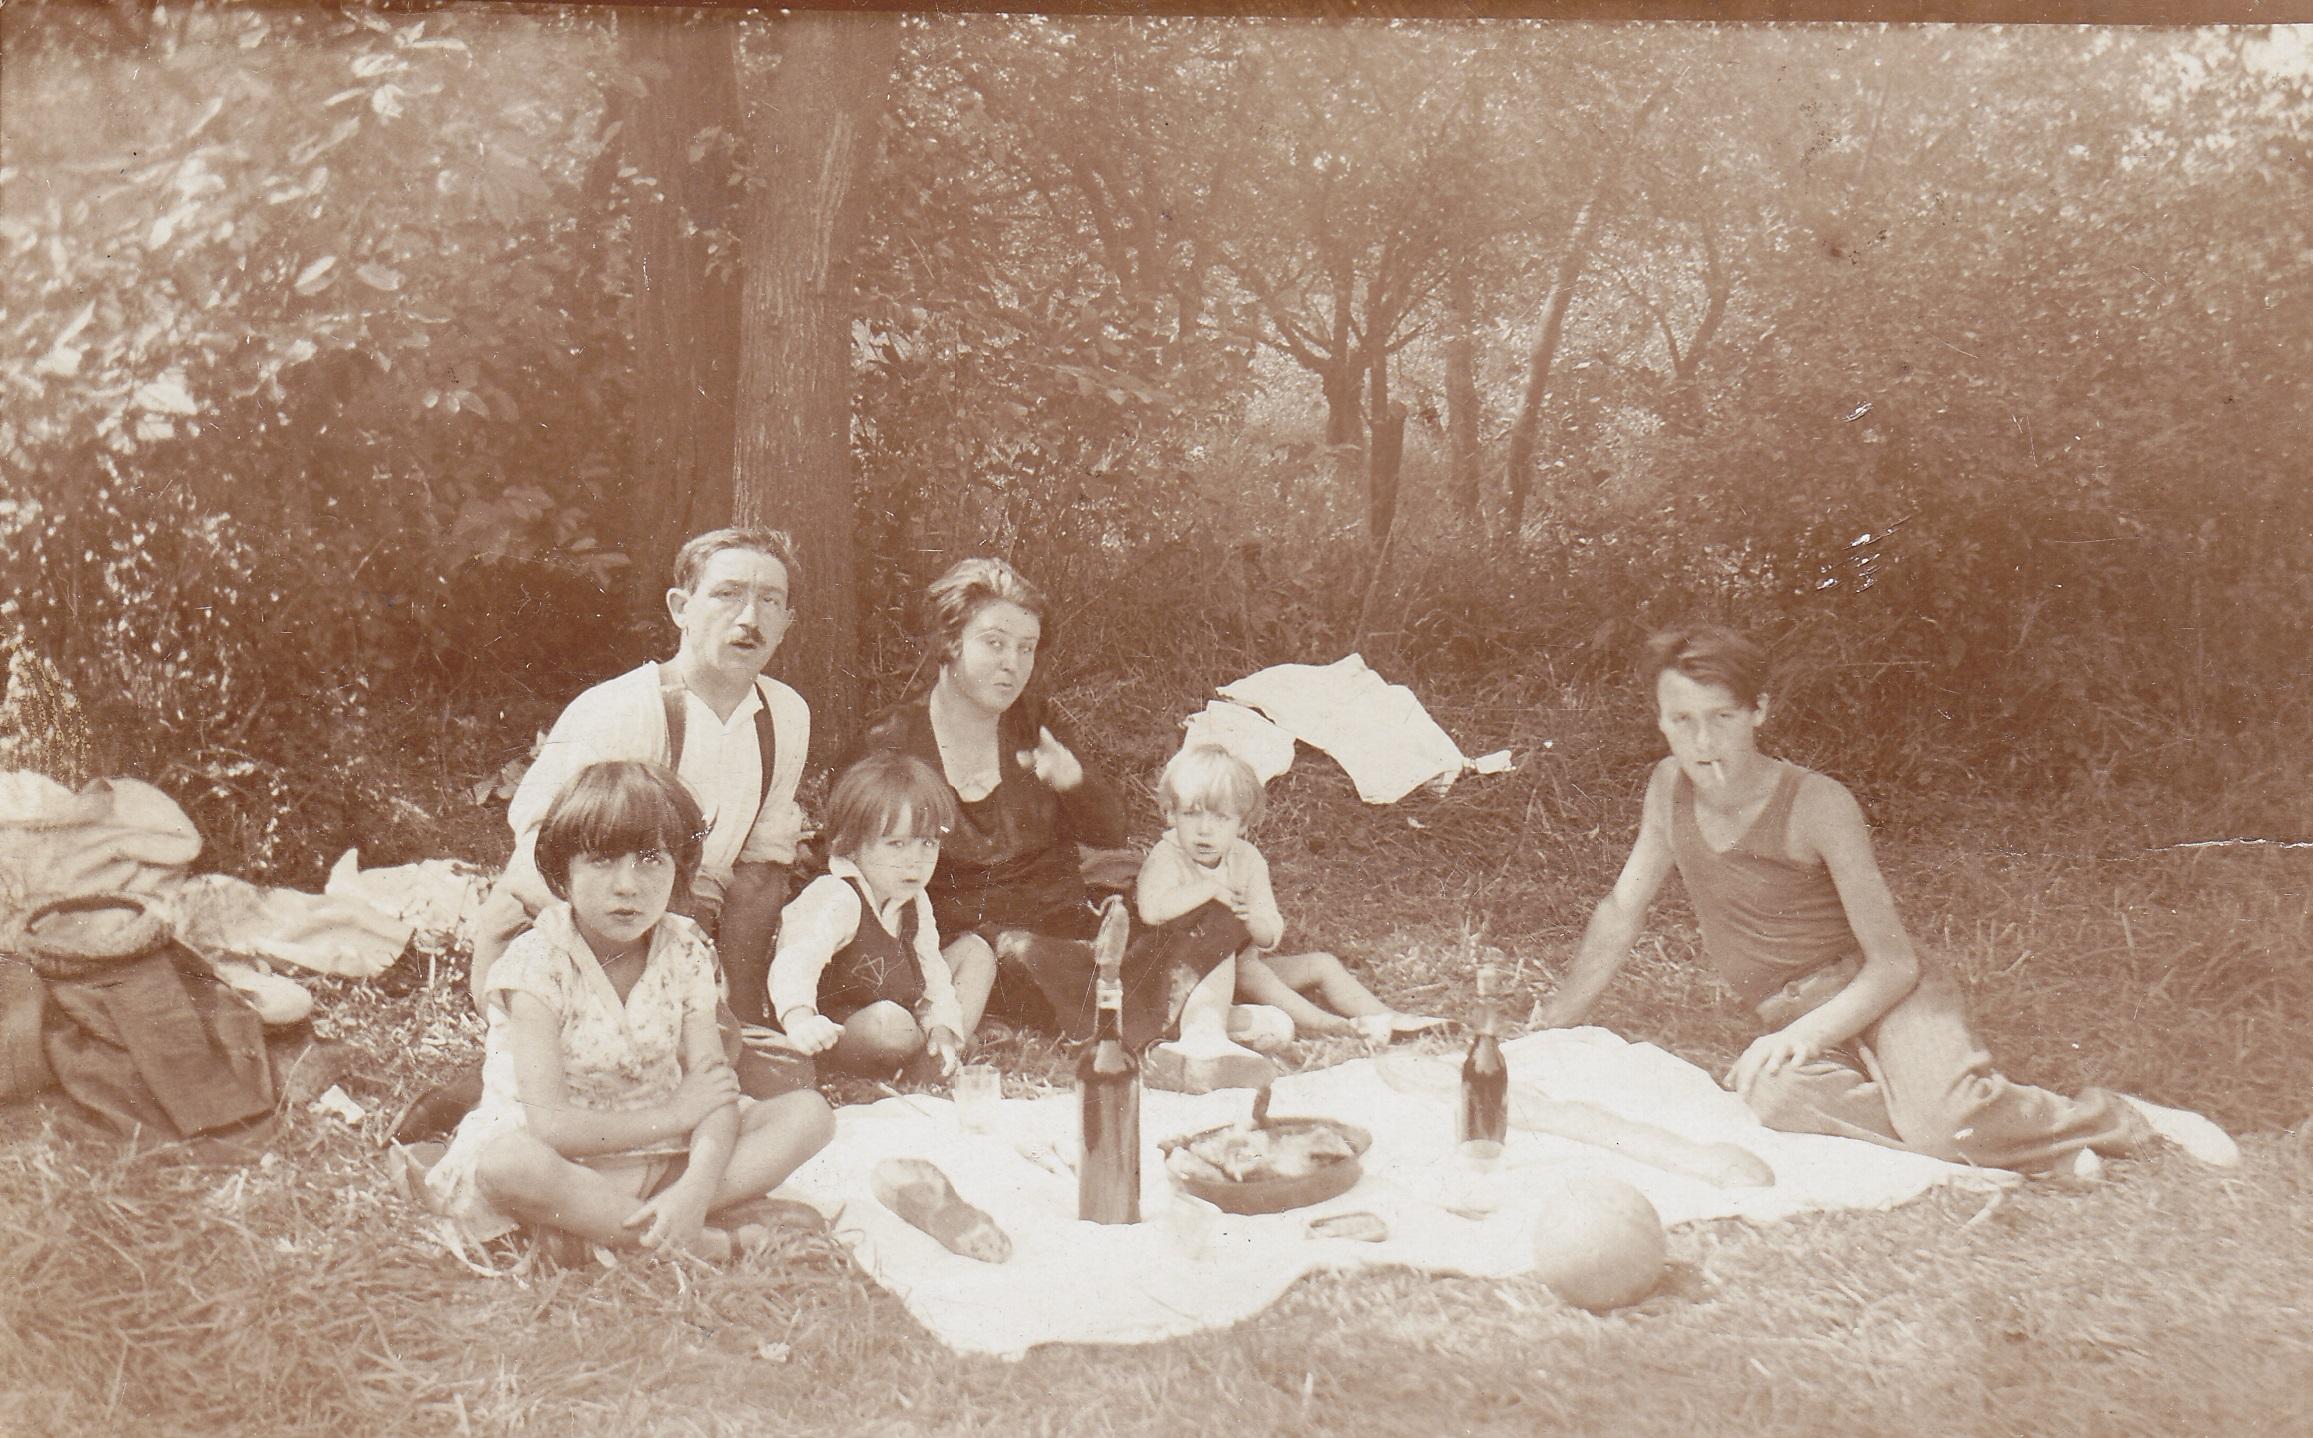 Petit d jeuner sur l 39 herbe notre histoire for Vaisselle dejeuner sur l herbe